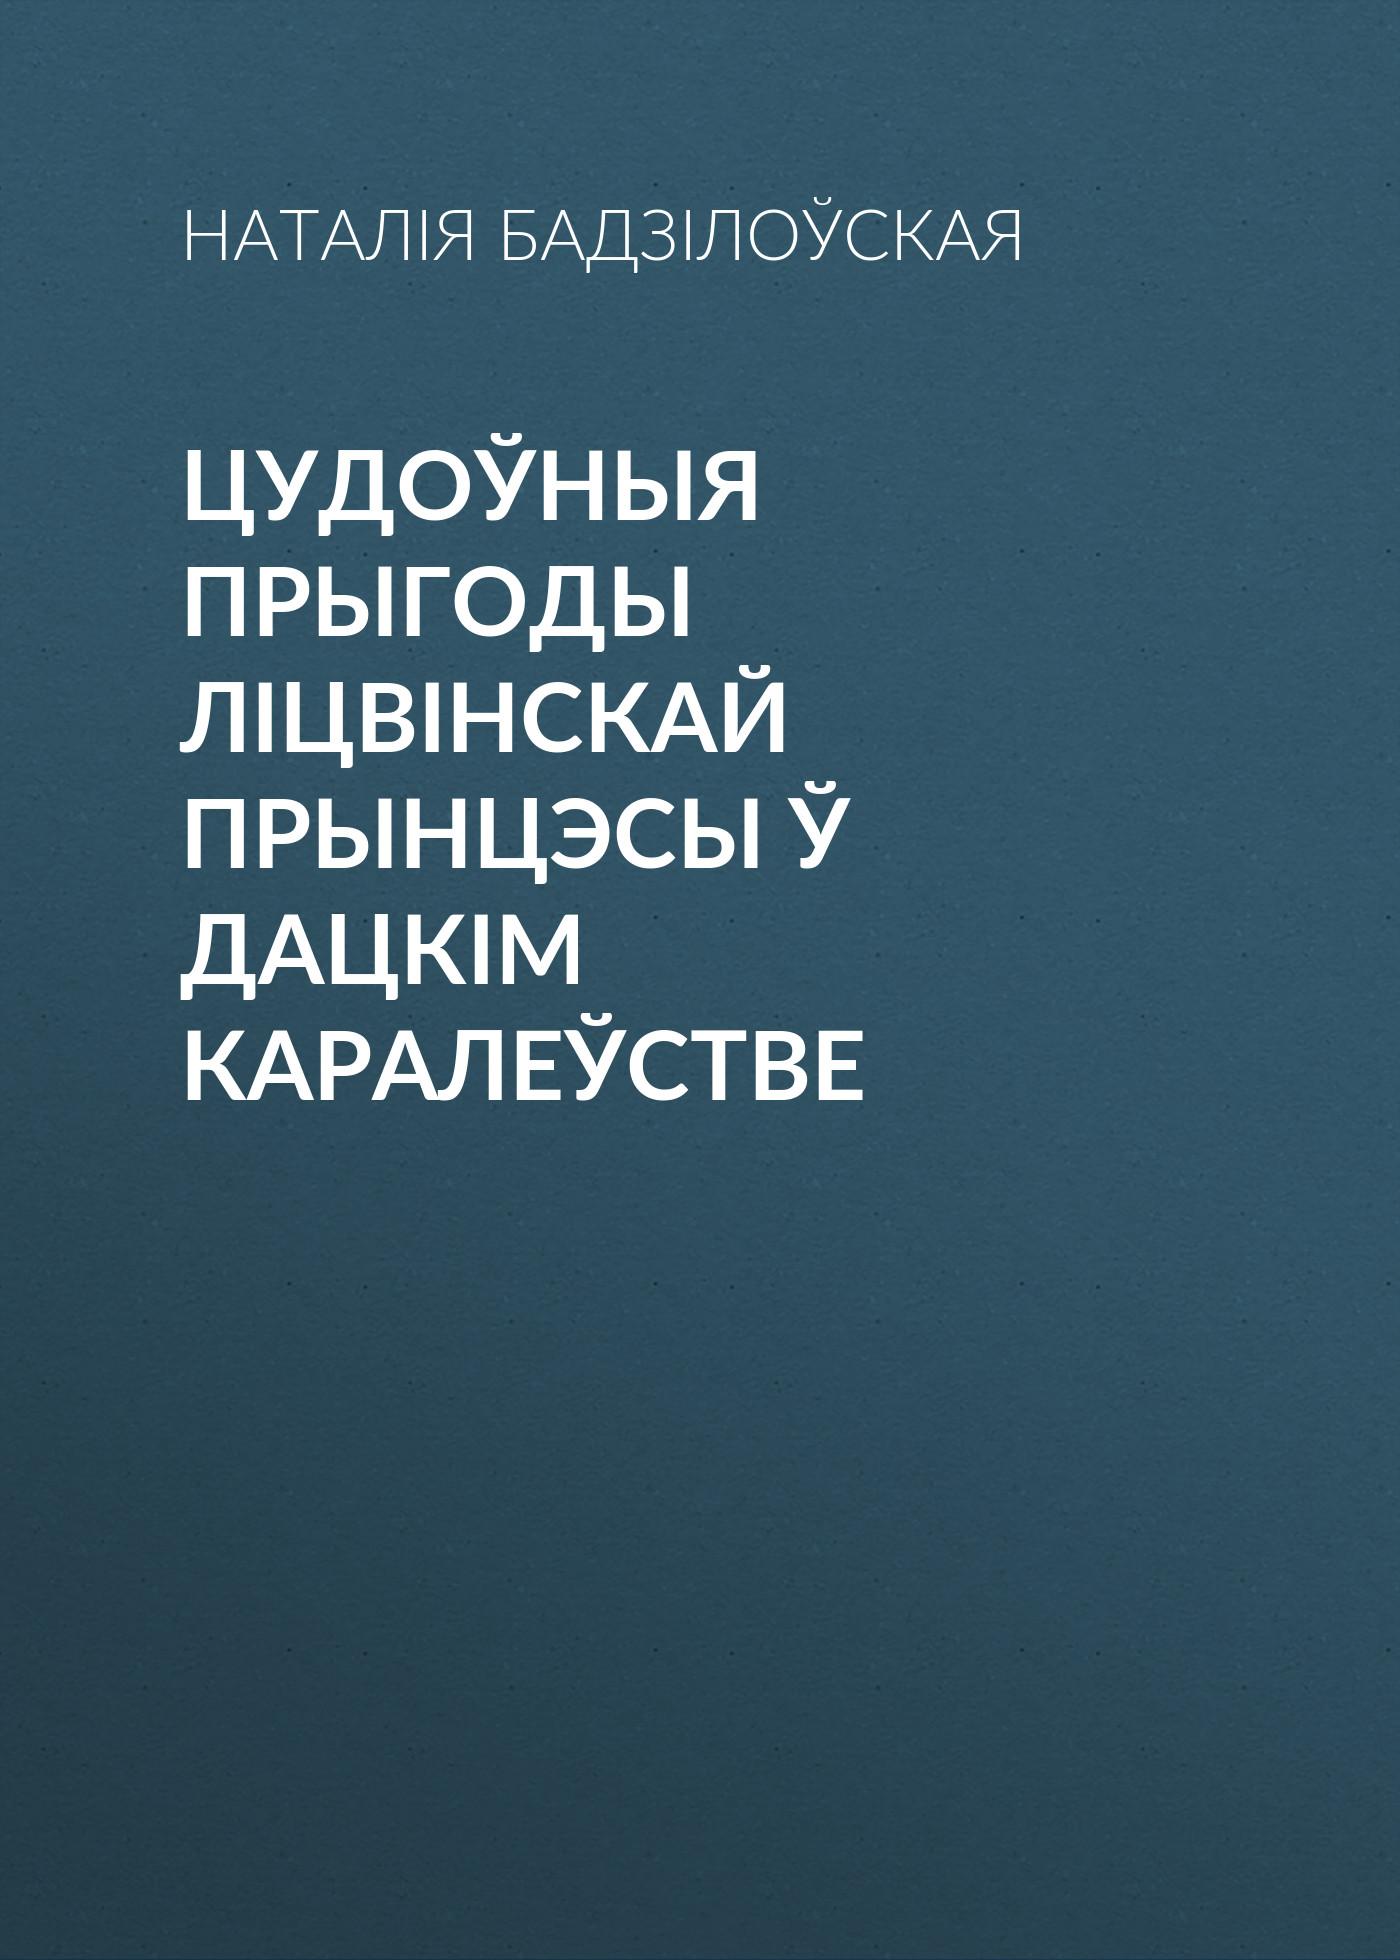 Наталія Бадзілоўская Цудоўныя прыгоды ліцвінскай прынцэсы ў Дацкім Каралеўстве оксана сайко майже казка